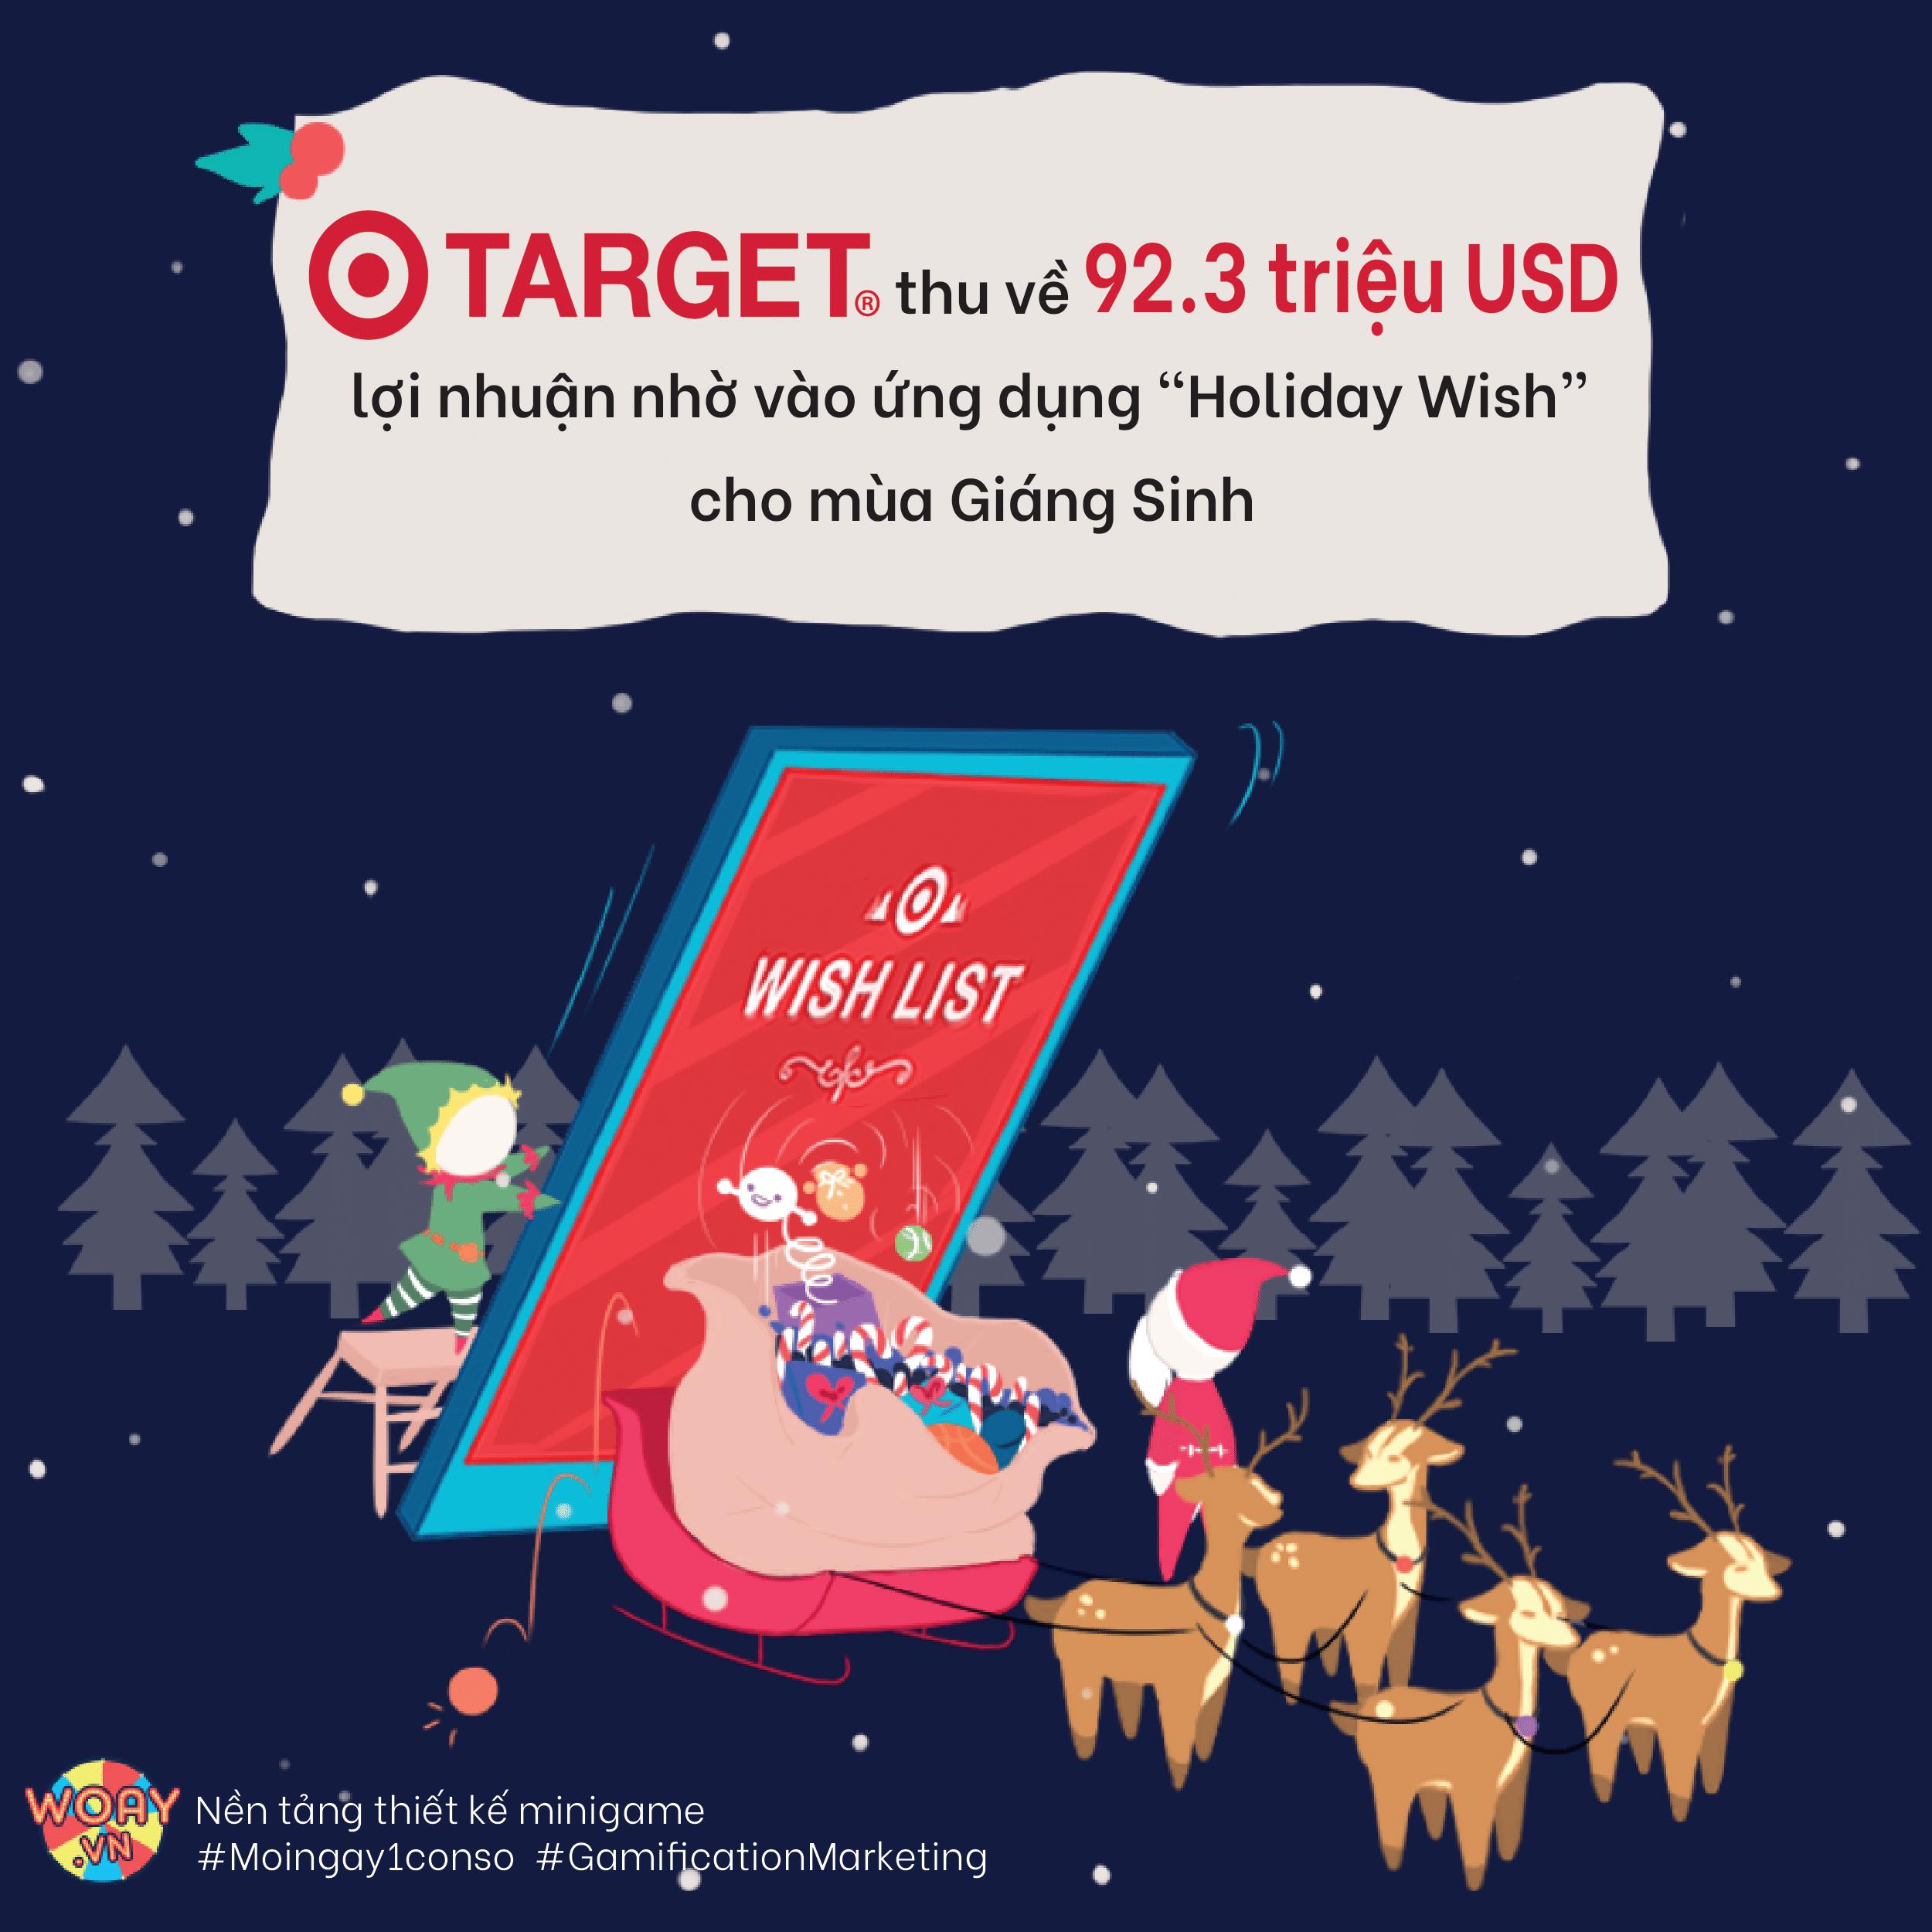 """Target thu về 92.3 triệu USD lợi nhuận nhờ vào ứng dụng """"Holiday Wish"""" cho mùa Giáng Sinh"""